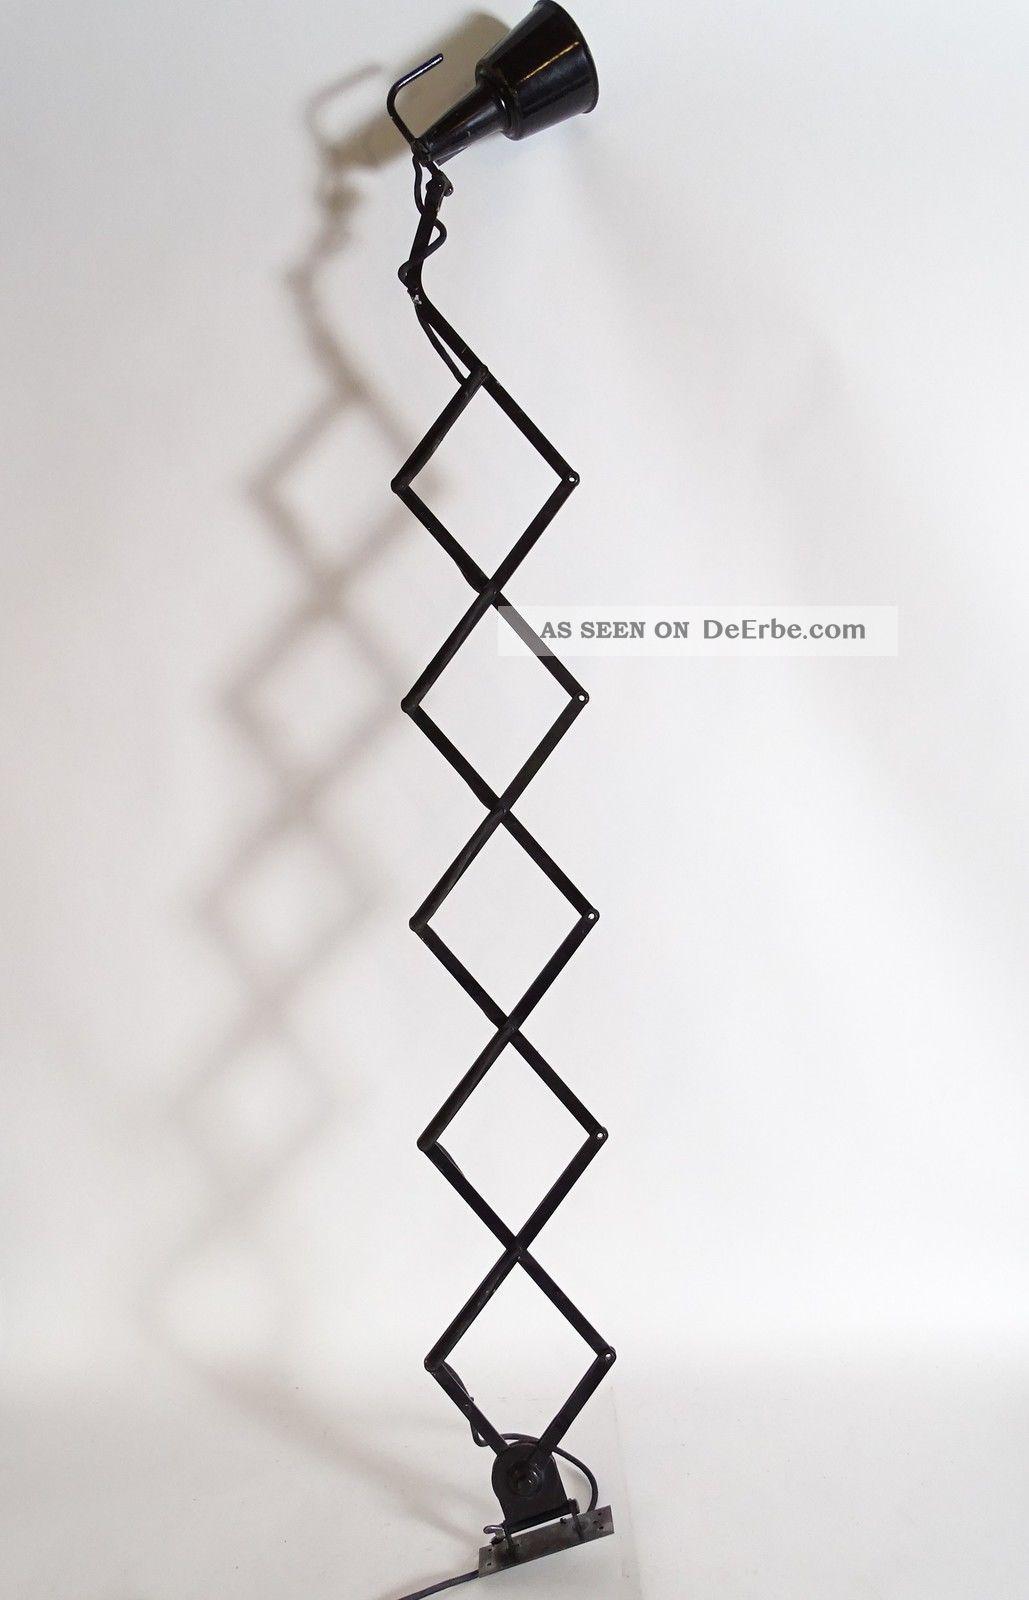 Riesige Art Déco Bauhaus Industrie Design Scherenlampe Wandlampe Top 1920-1949, Art Déco Bild